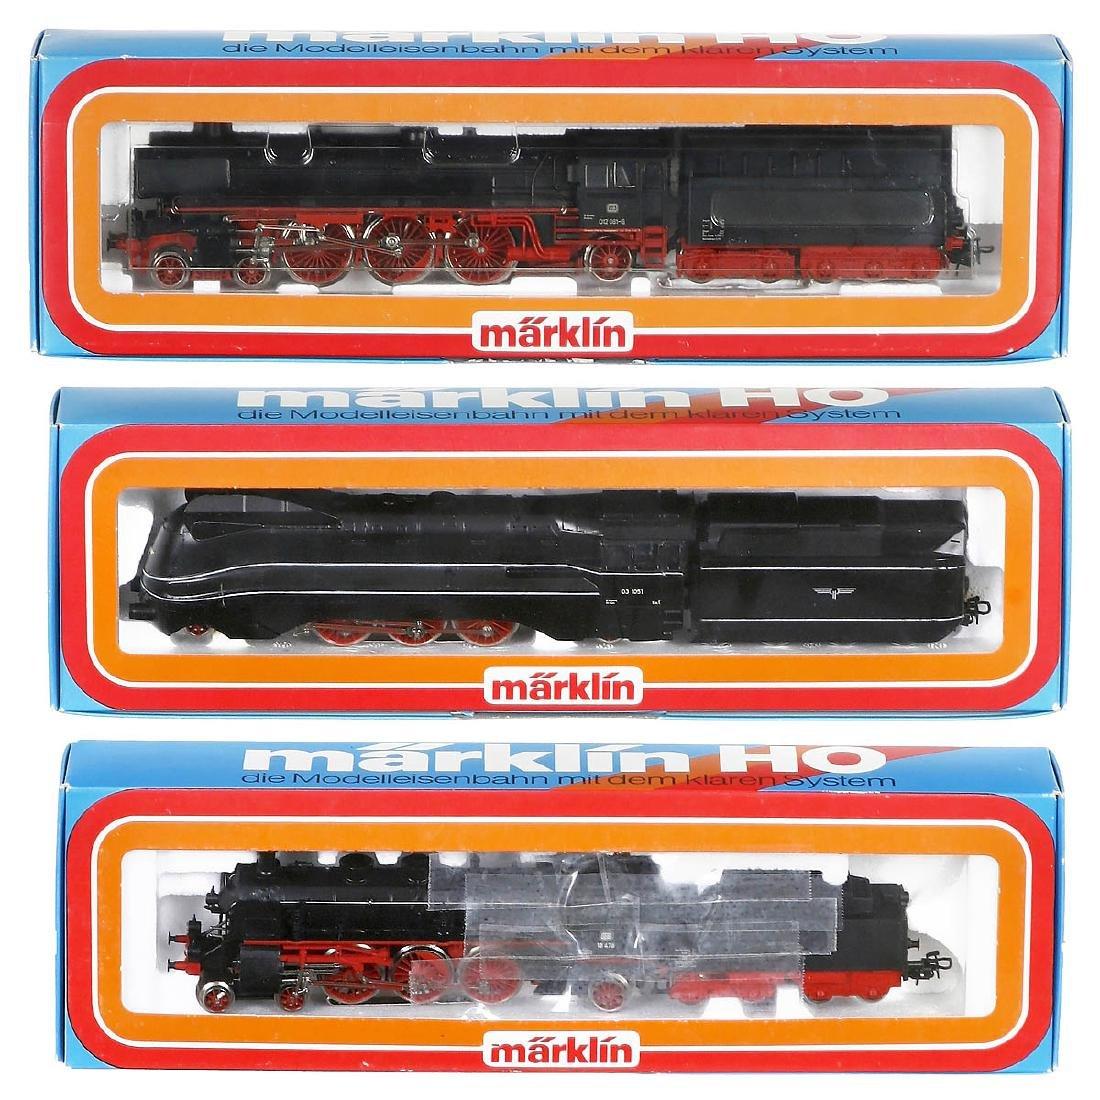 3 Märklin Stam Locomotives, c. 1980